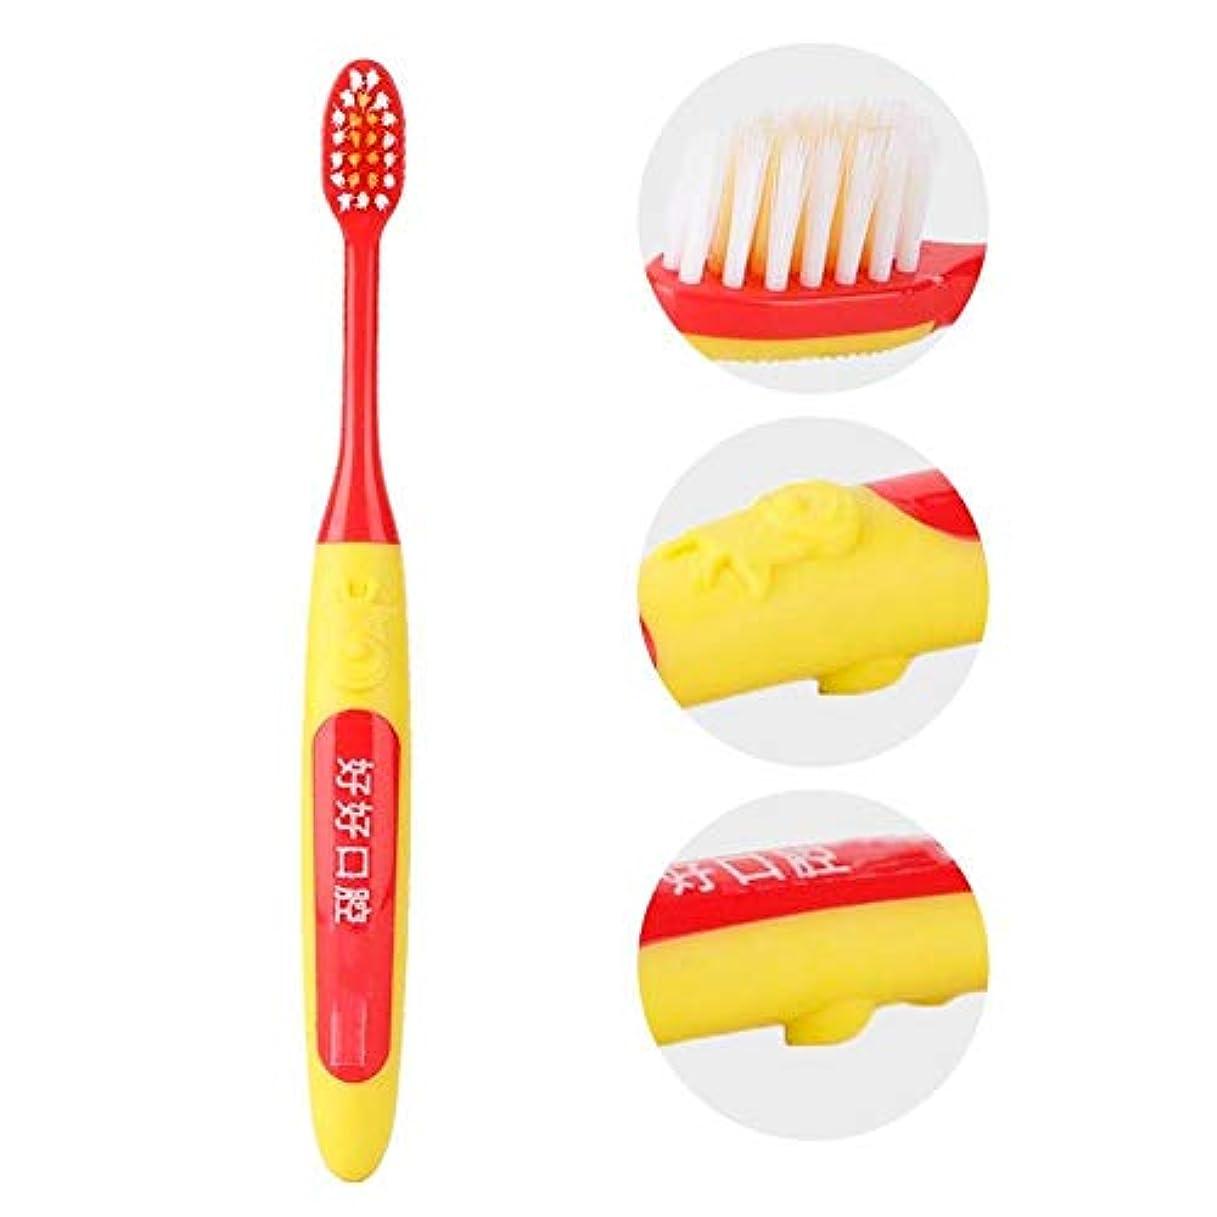 数学的な計算可能盟主歯ブラシ子供の柔らかい髪の歯ブラシかわいい子供のクリーニング歯ブラシオーラルケアツール(黄色いハンドル)